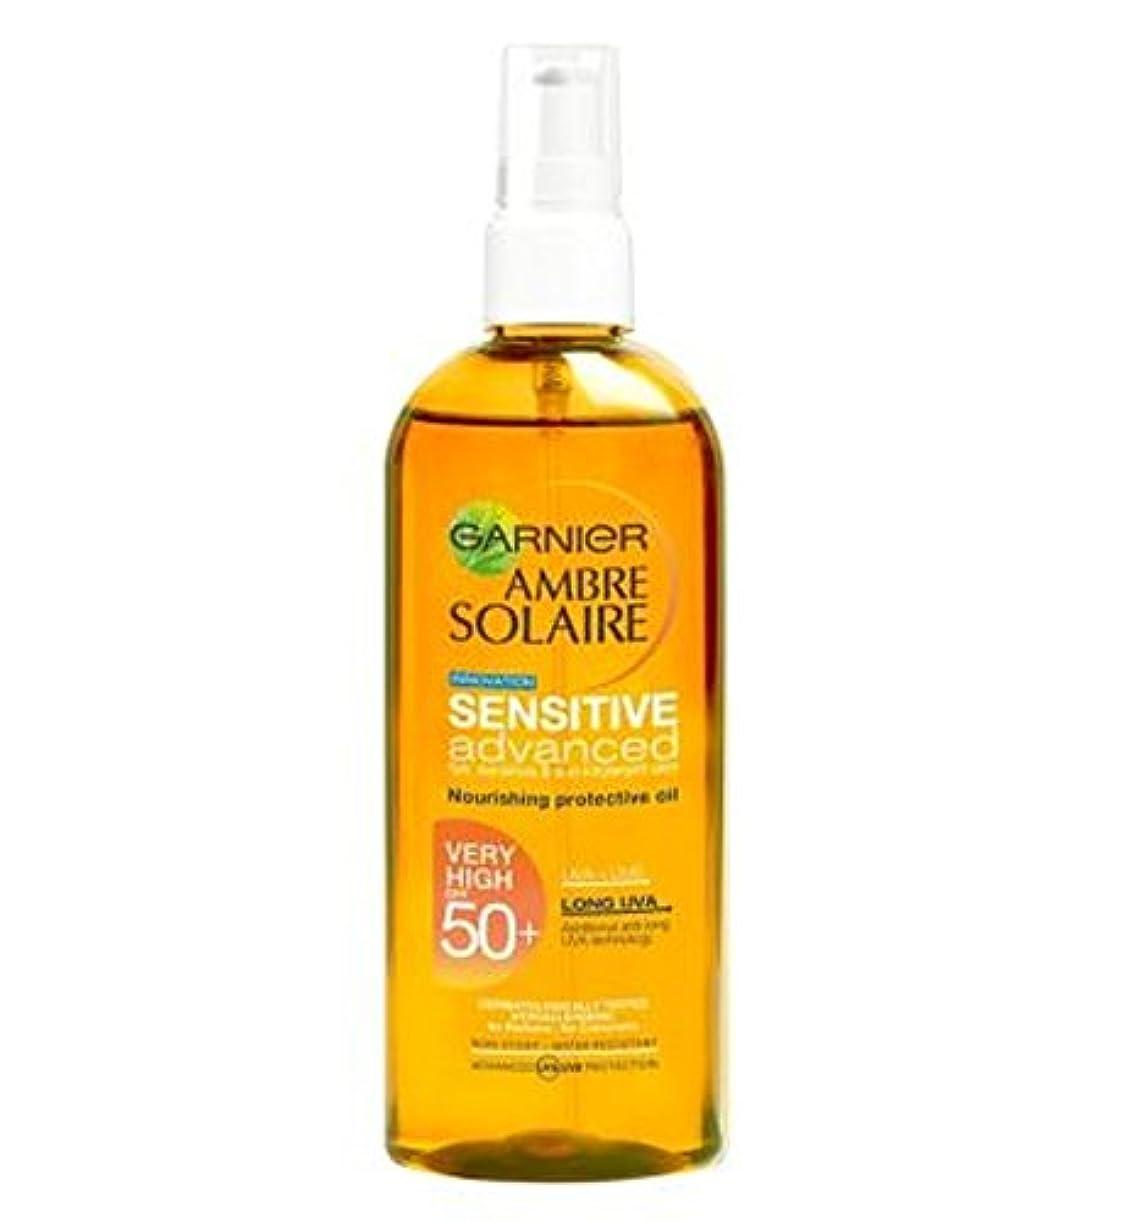 姿を消す終了しました甘やかす保護オイルSpf50の150ミリリットル栄養ガルニエアンブレSolaire敏感な高度なサンプロテクション (Garnier) (x2) - Garnier Ambre Solaire Sensitive Advanced...